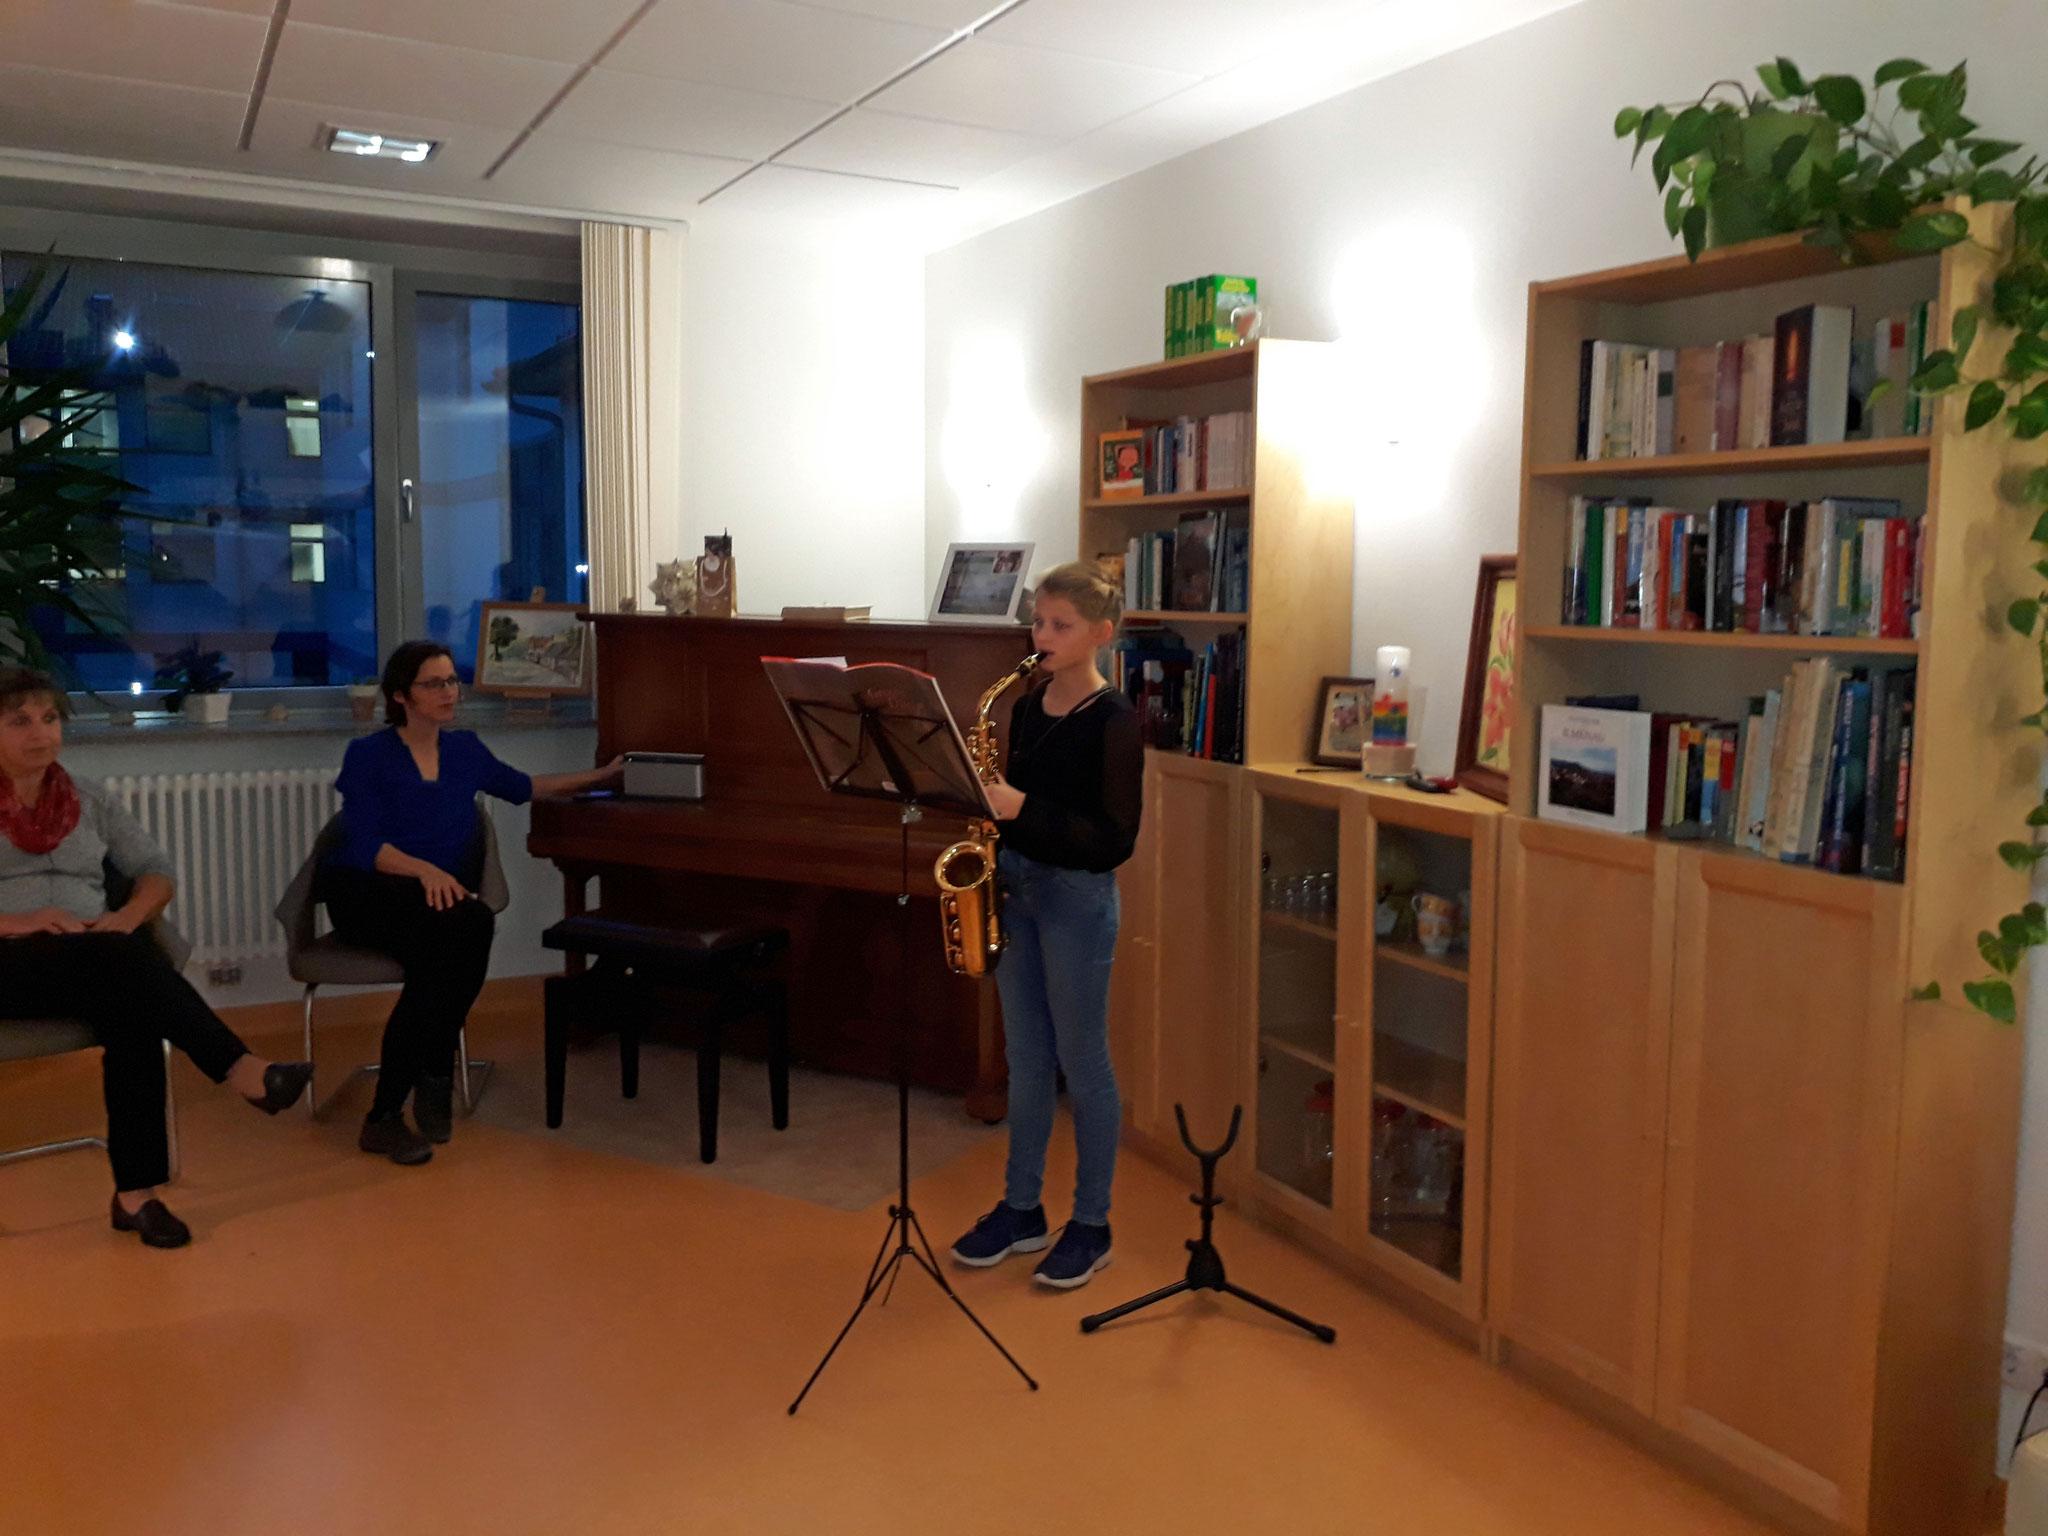 Musikalische Eröffnung durch Dorothee Amberg (Saxophon)